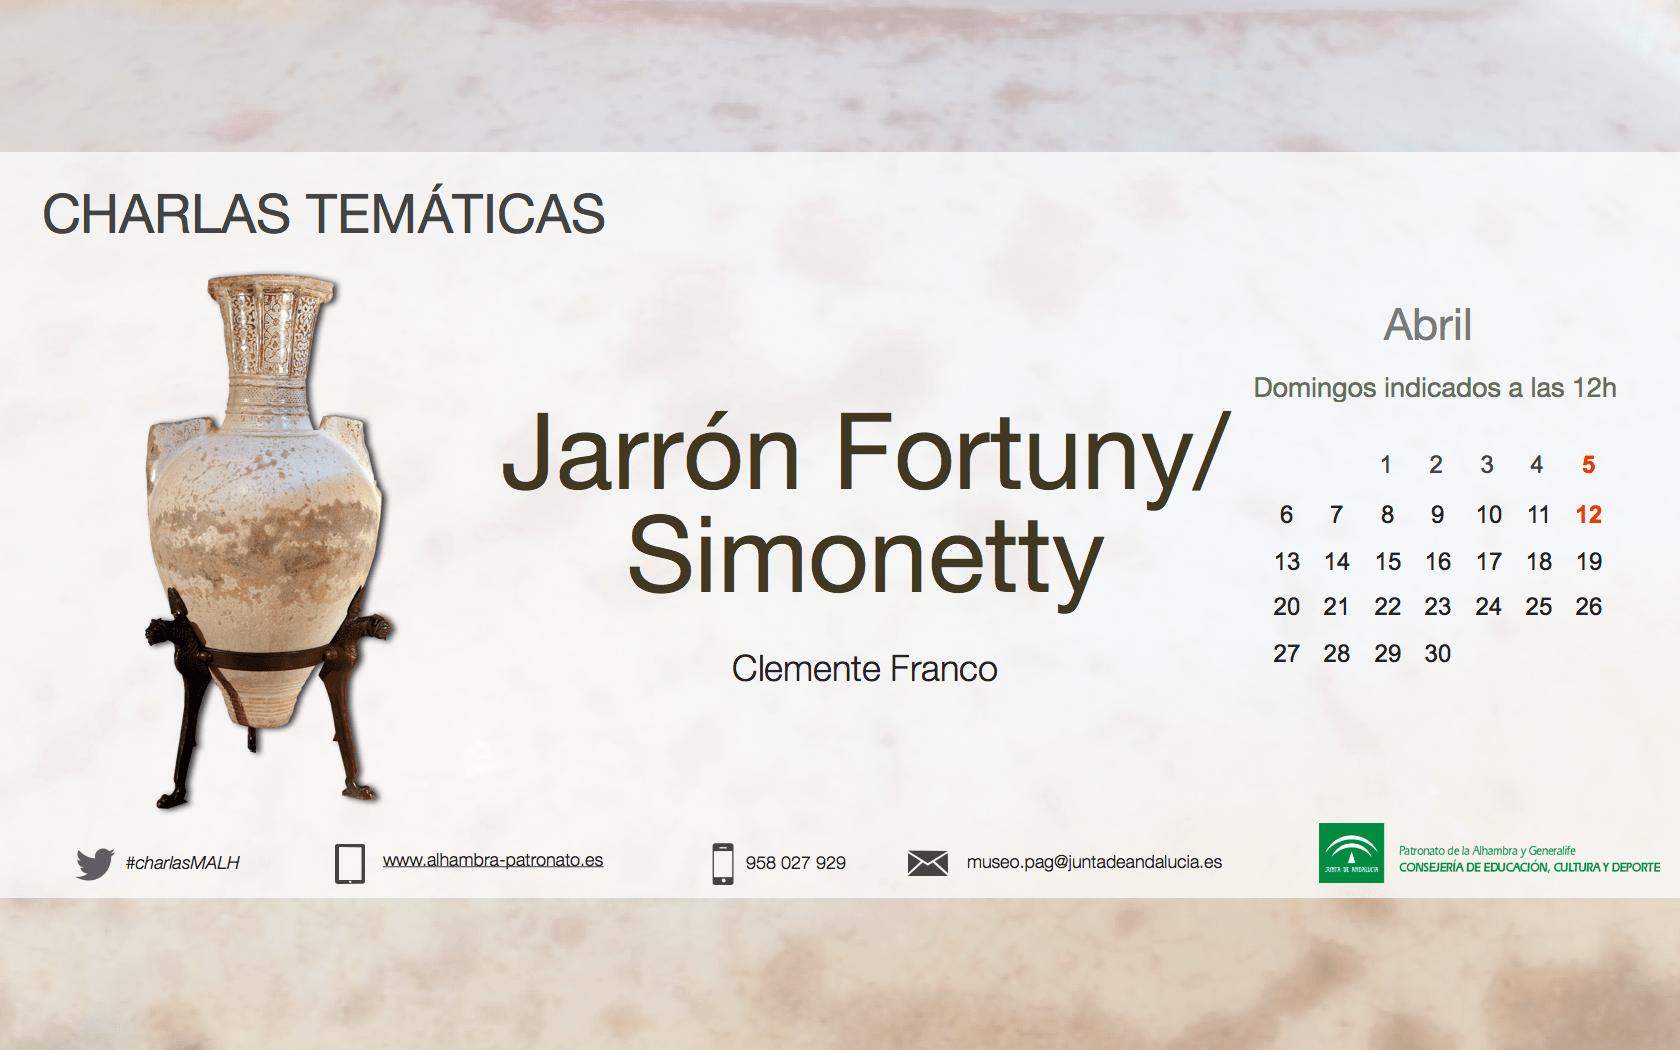 El jarrón de Fortuny-Simonetti y Relaciones socioculturales e institucionales